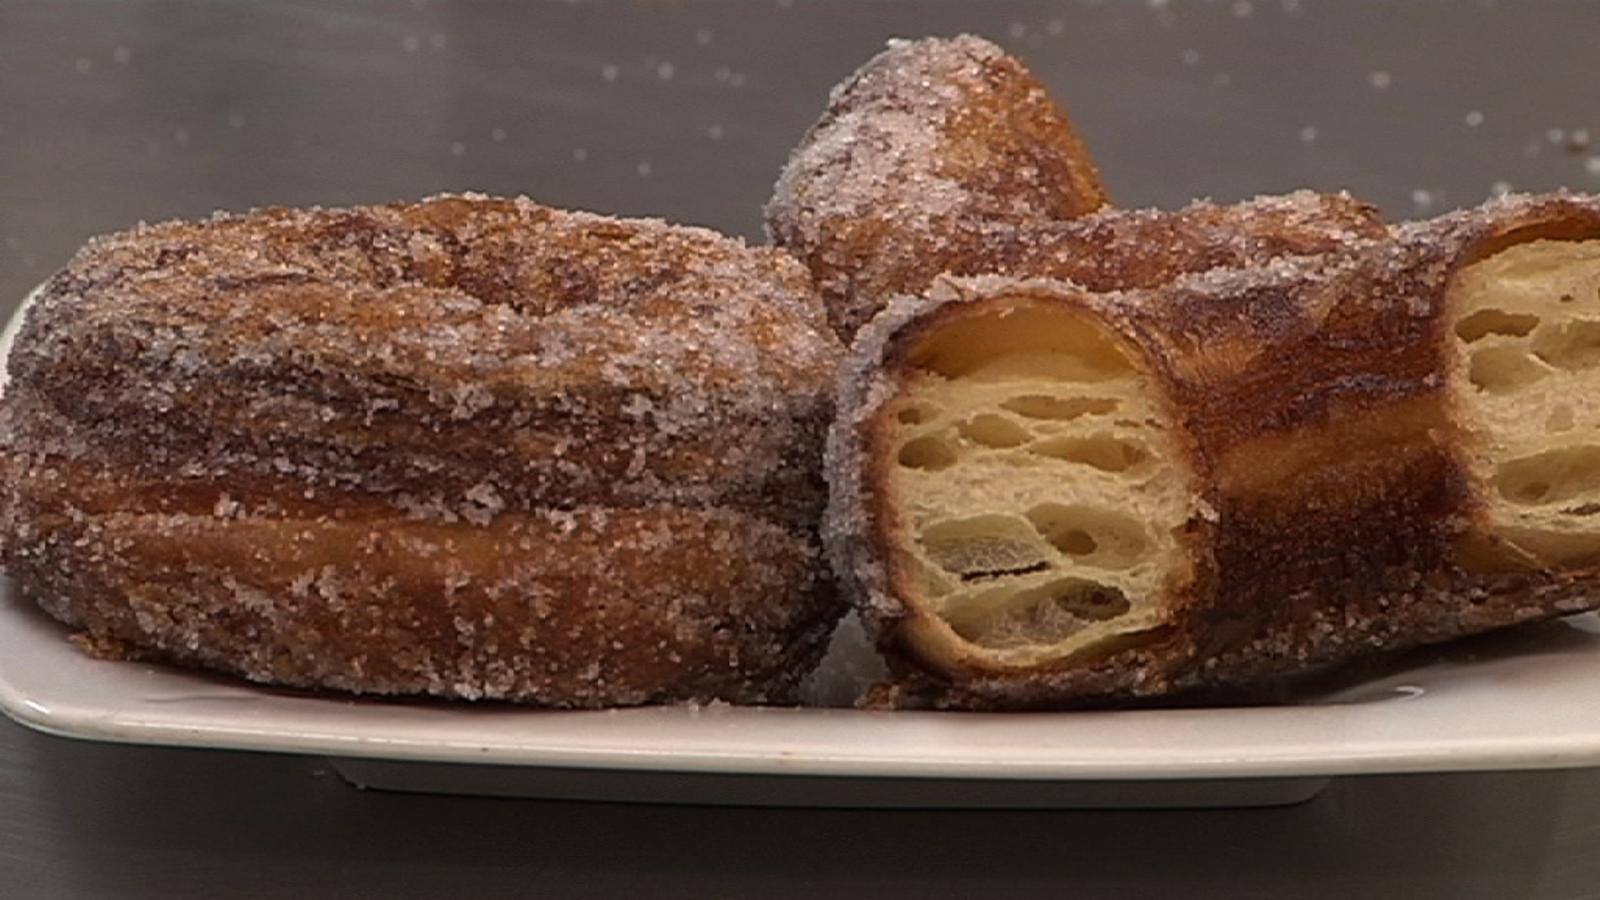 El crònut arriba a Catalunya: No només se'n fan a Nova York, a Sant Celoni també en fem